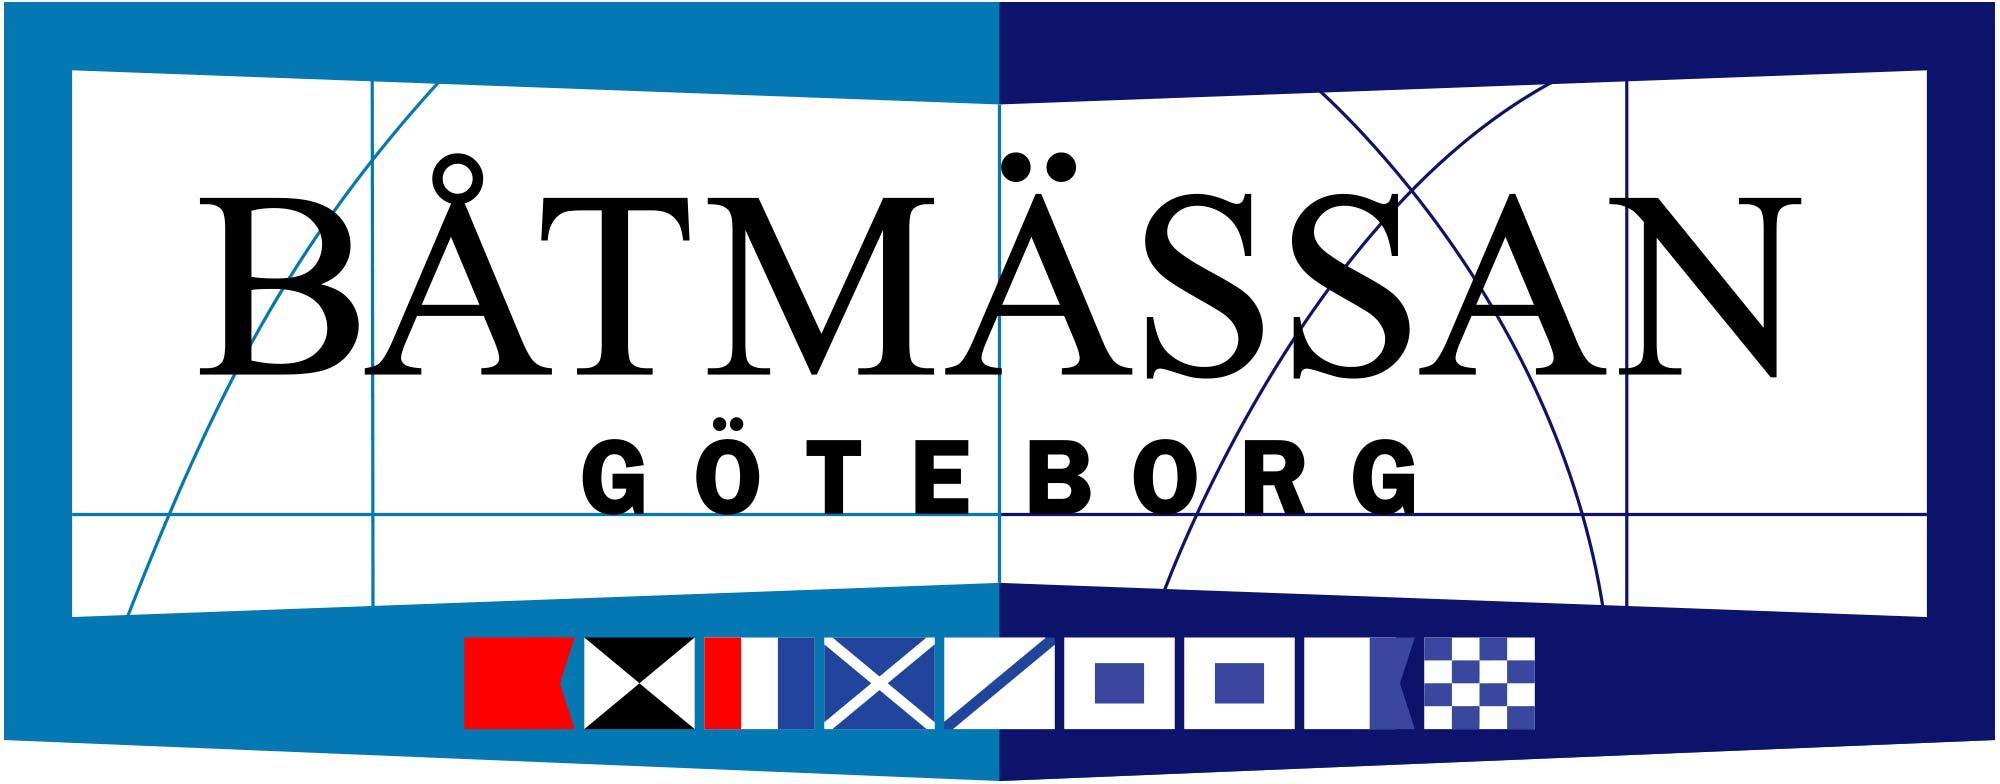 Båtmässan logo